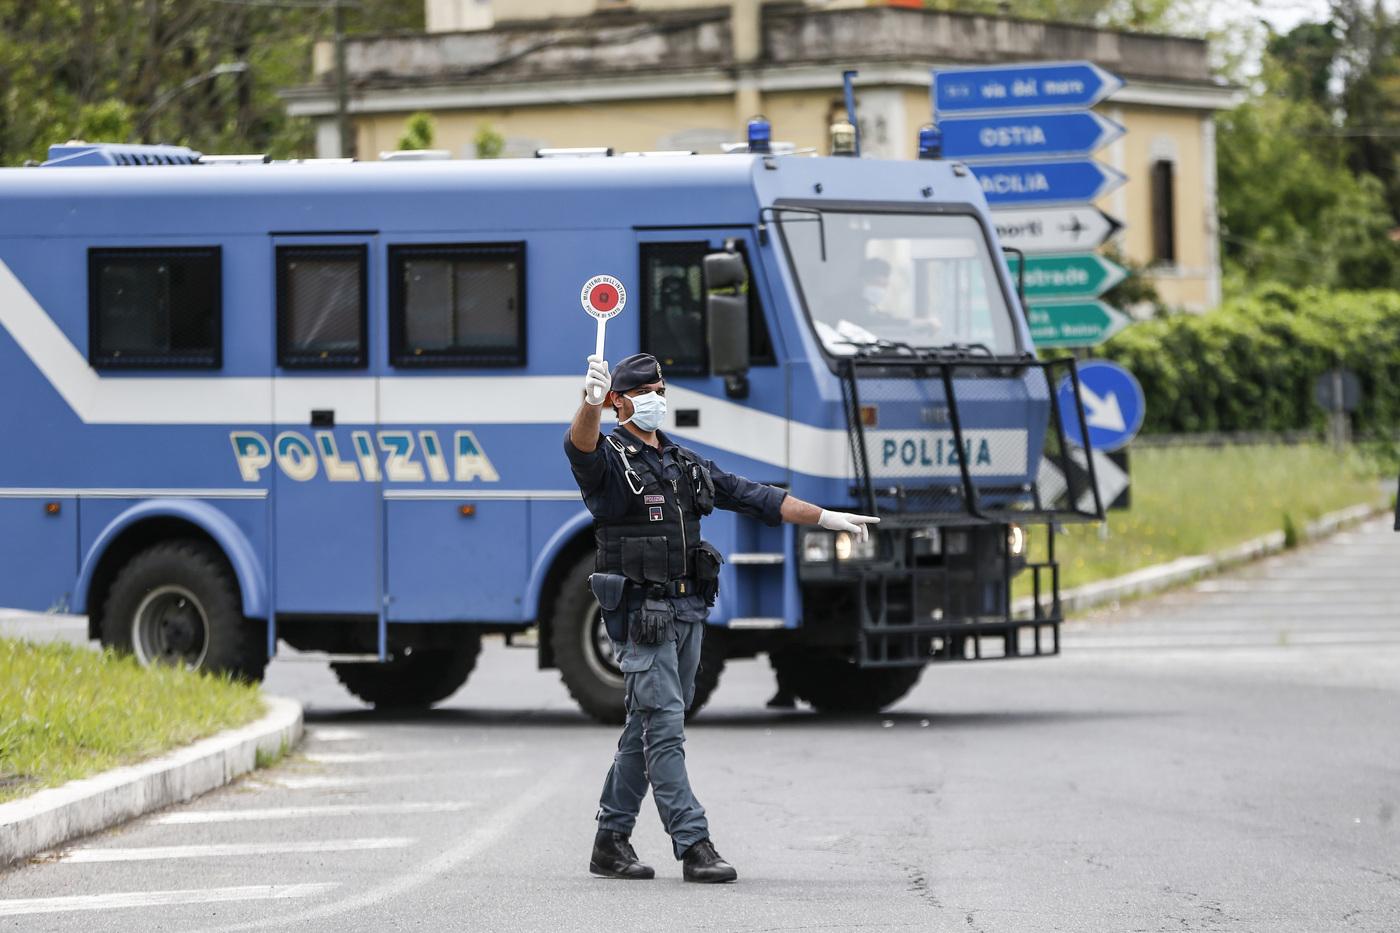 Emergenza Covid, scatta la proroga di 30 giorni al divieto di spostamento fra Regioni